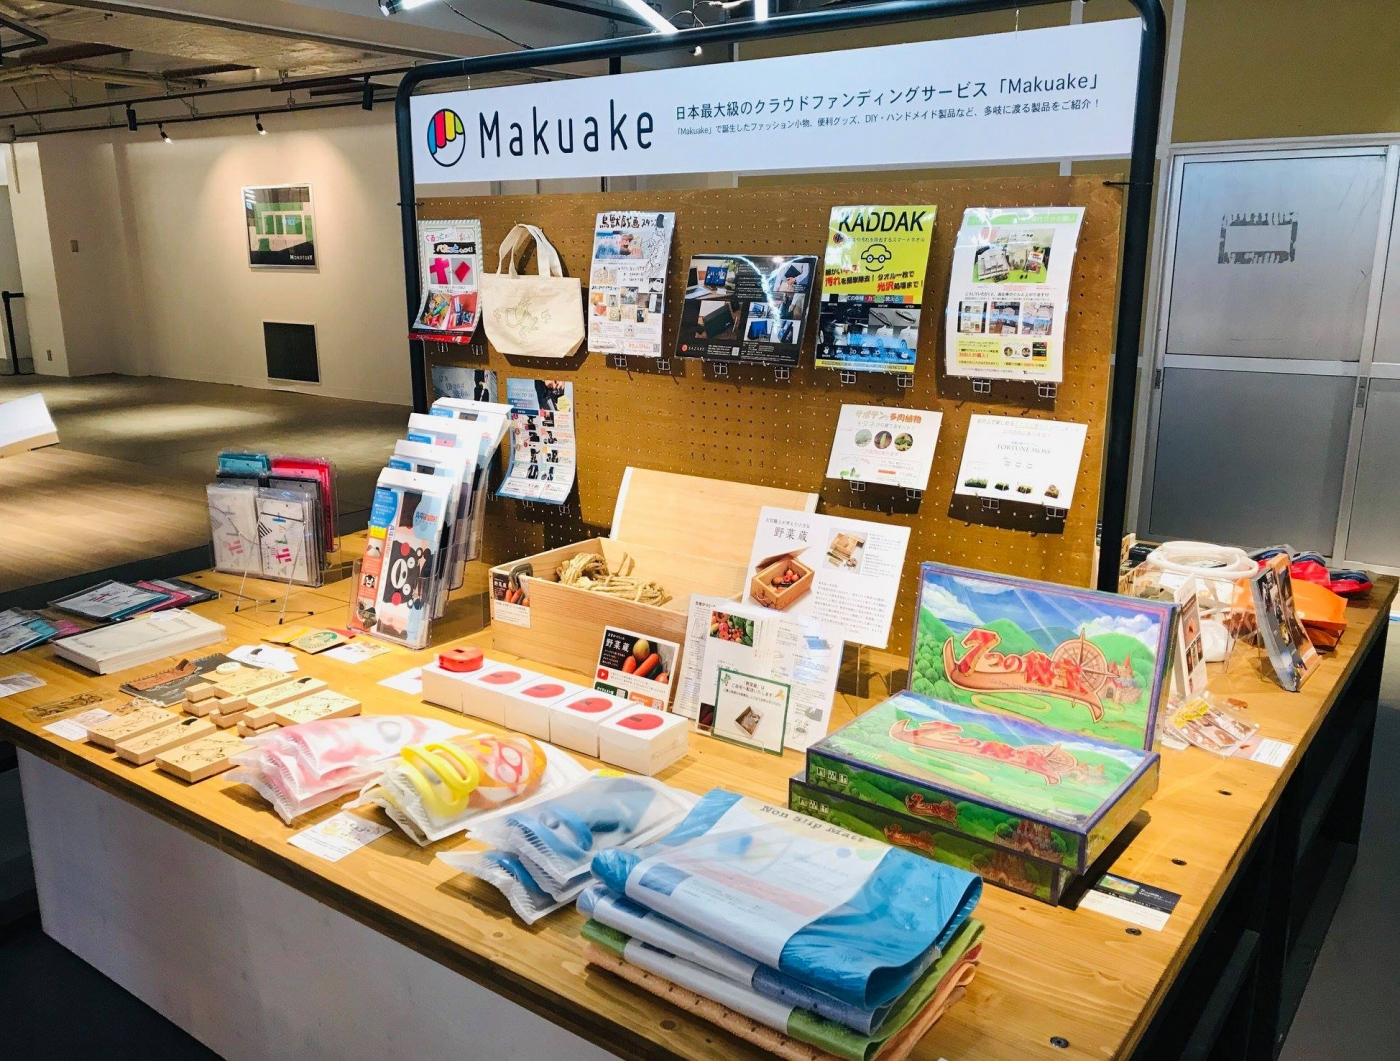 東京直擊!日本最大群募平台Makuake,為什麼讓台灣品牌、電商都搶合作?